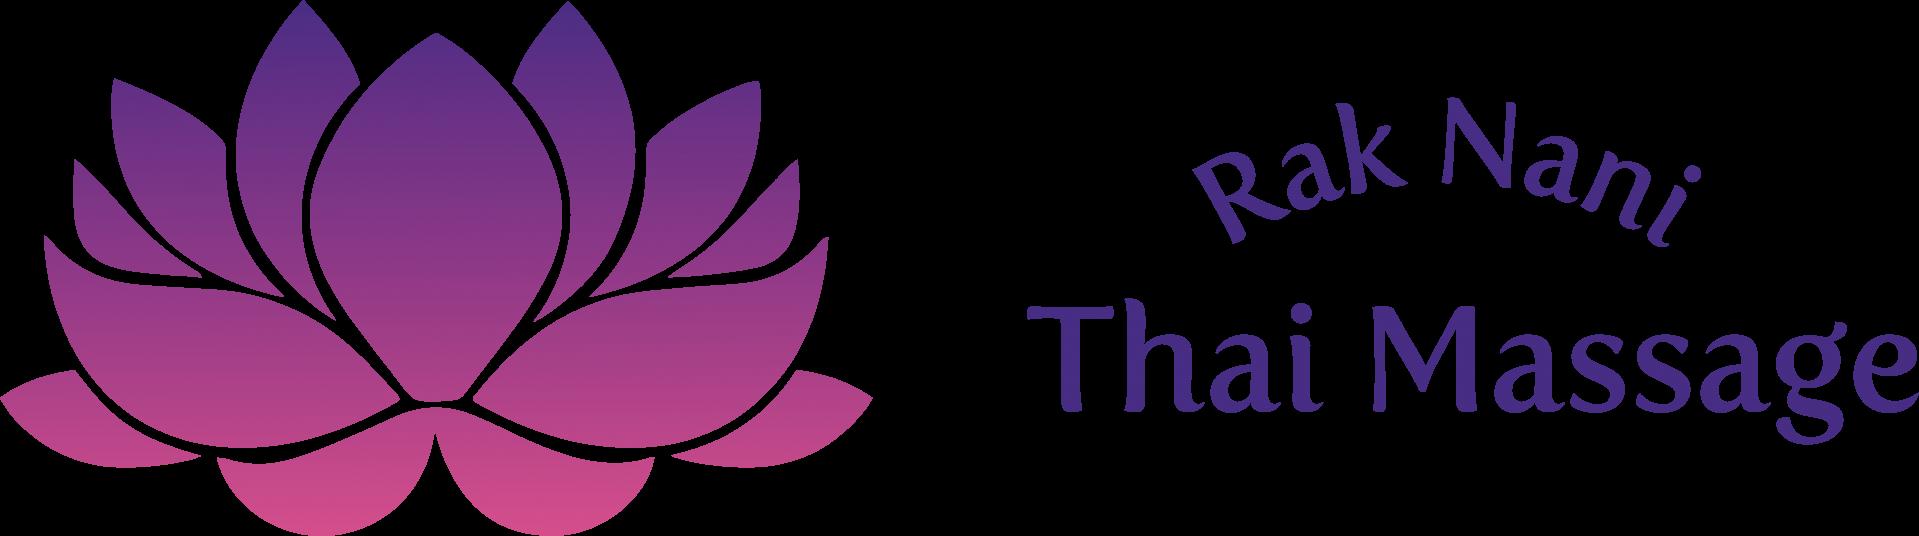 Thai Masszázs Szalon - Header logo image